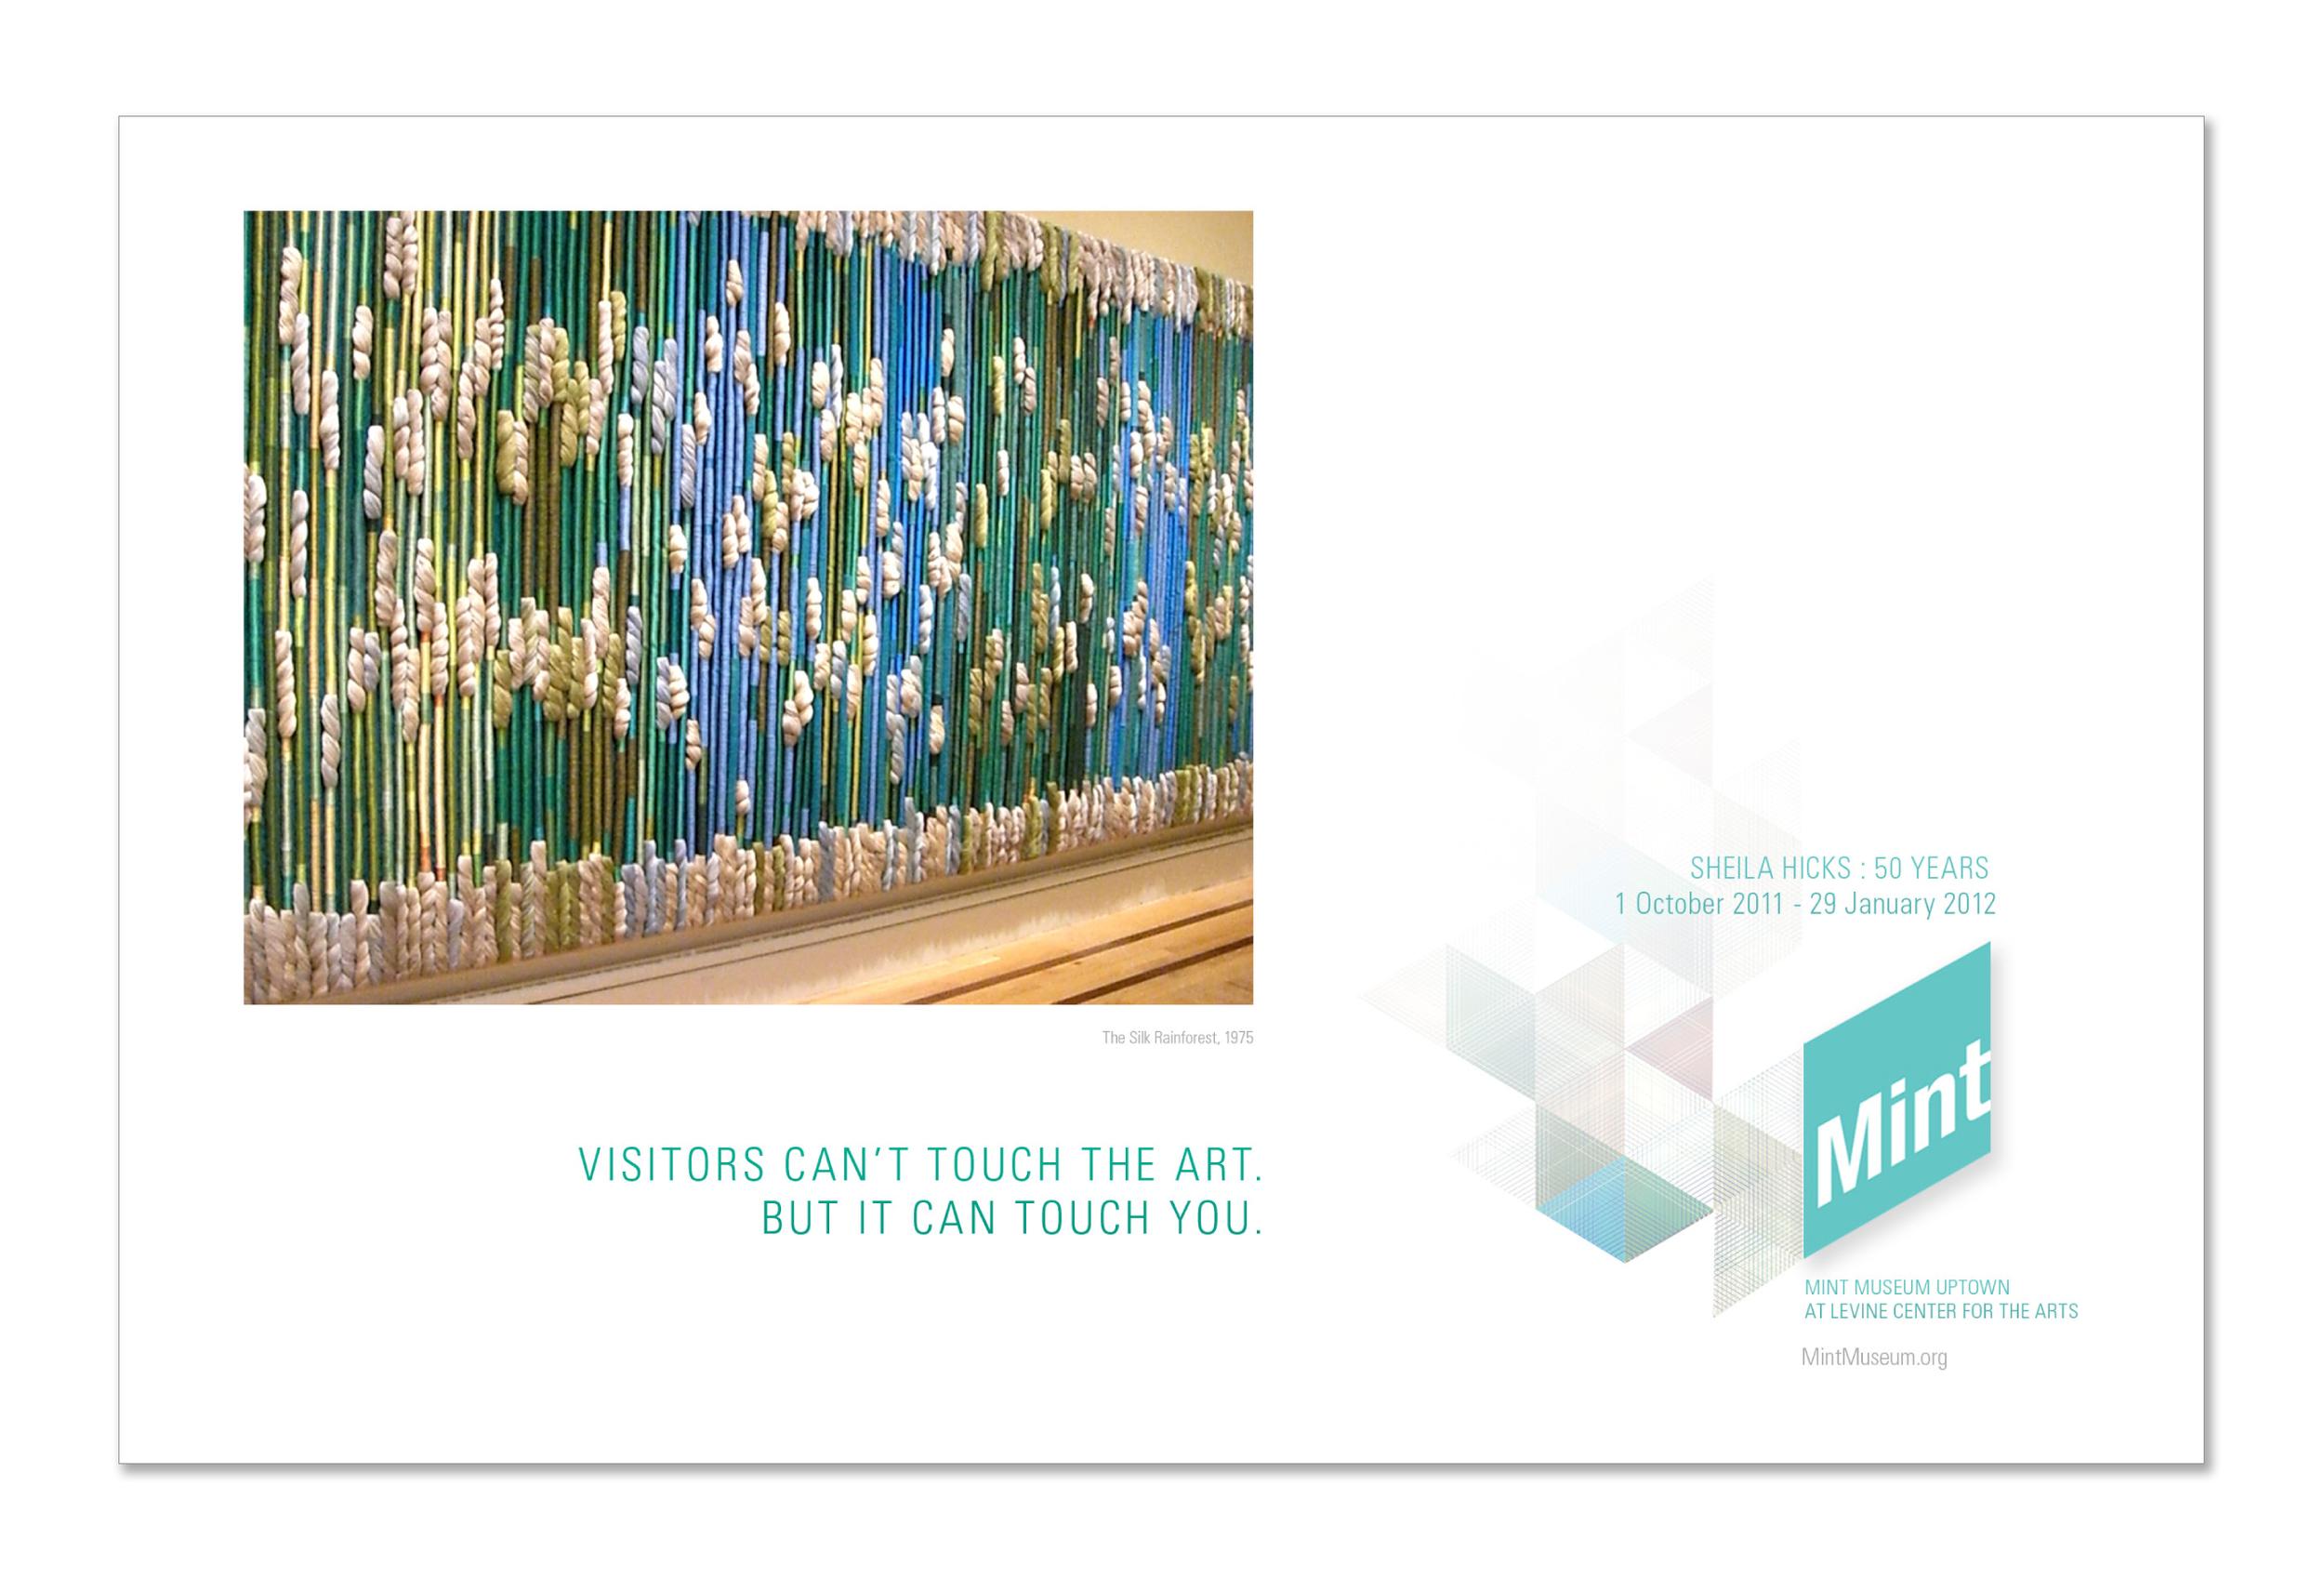 Mint_ad.jpg